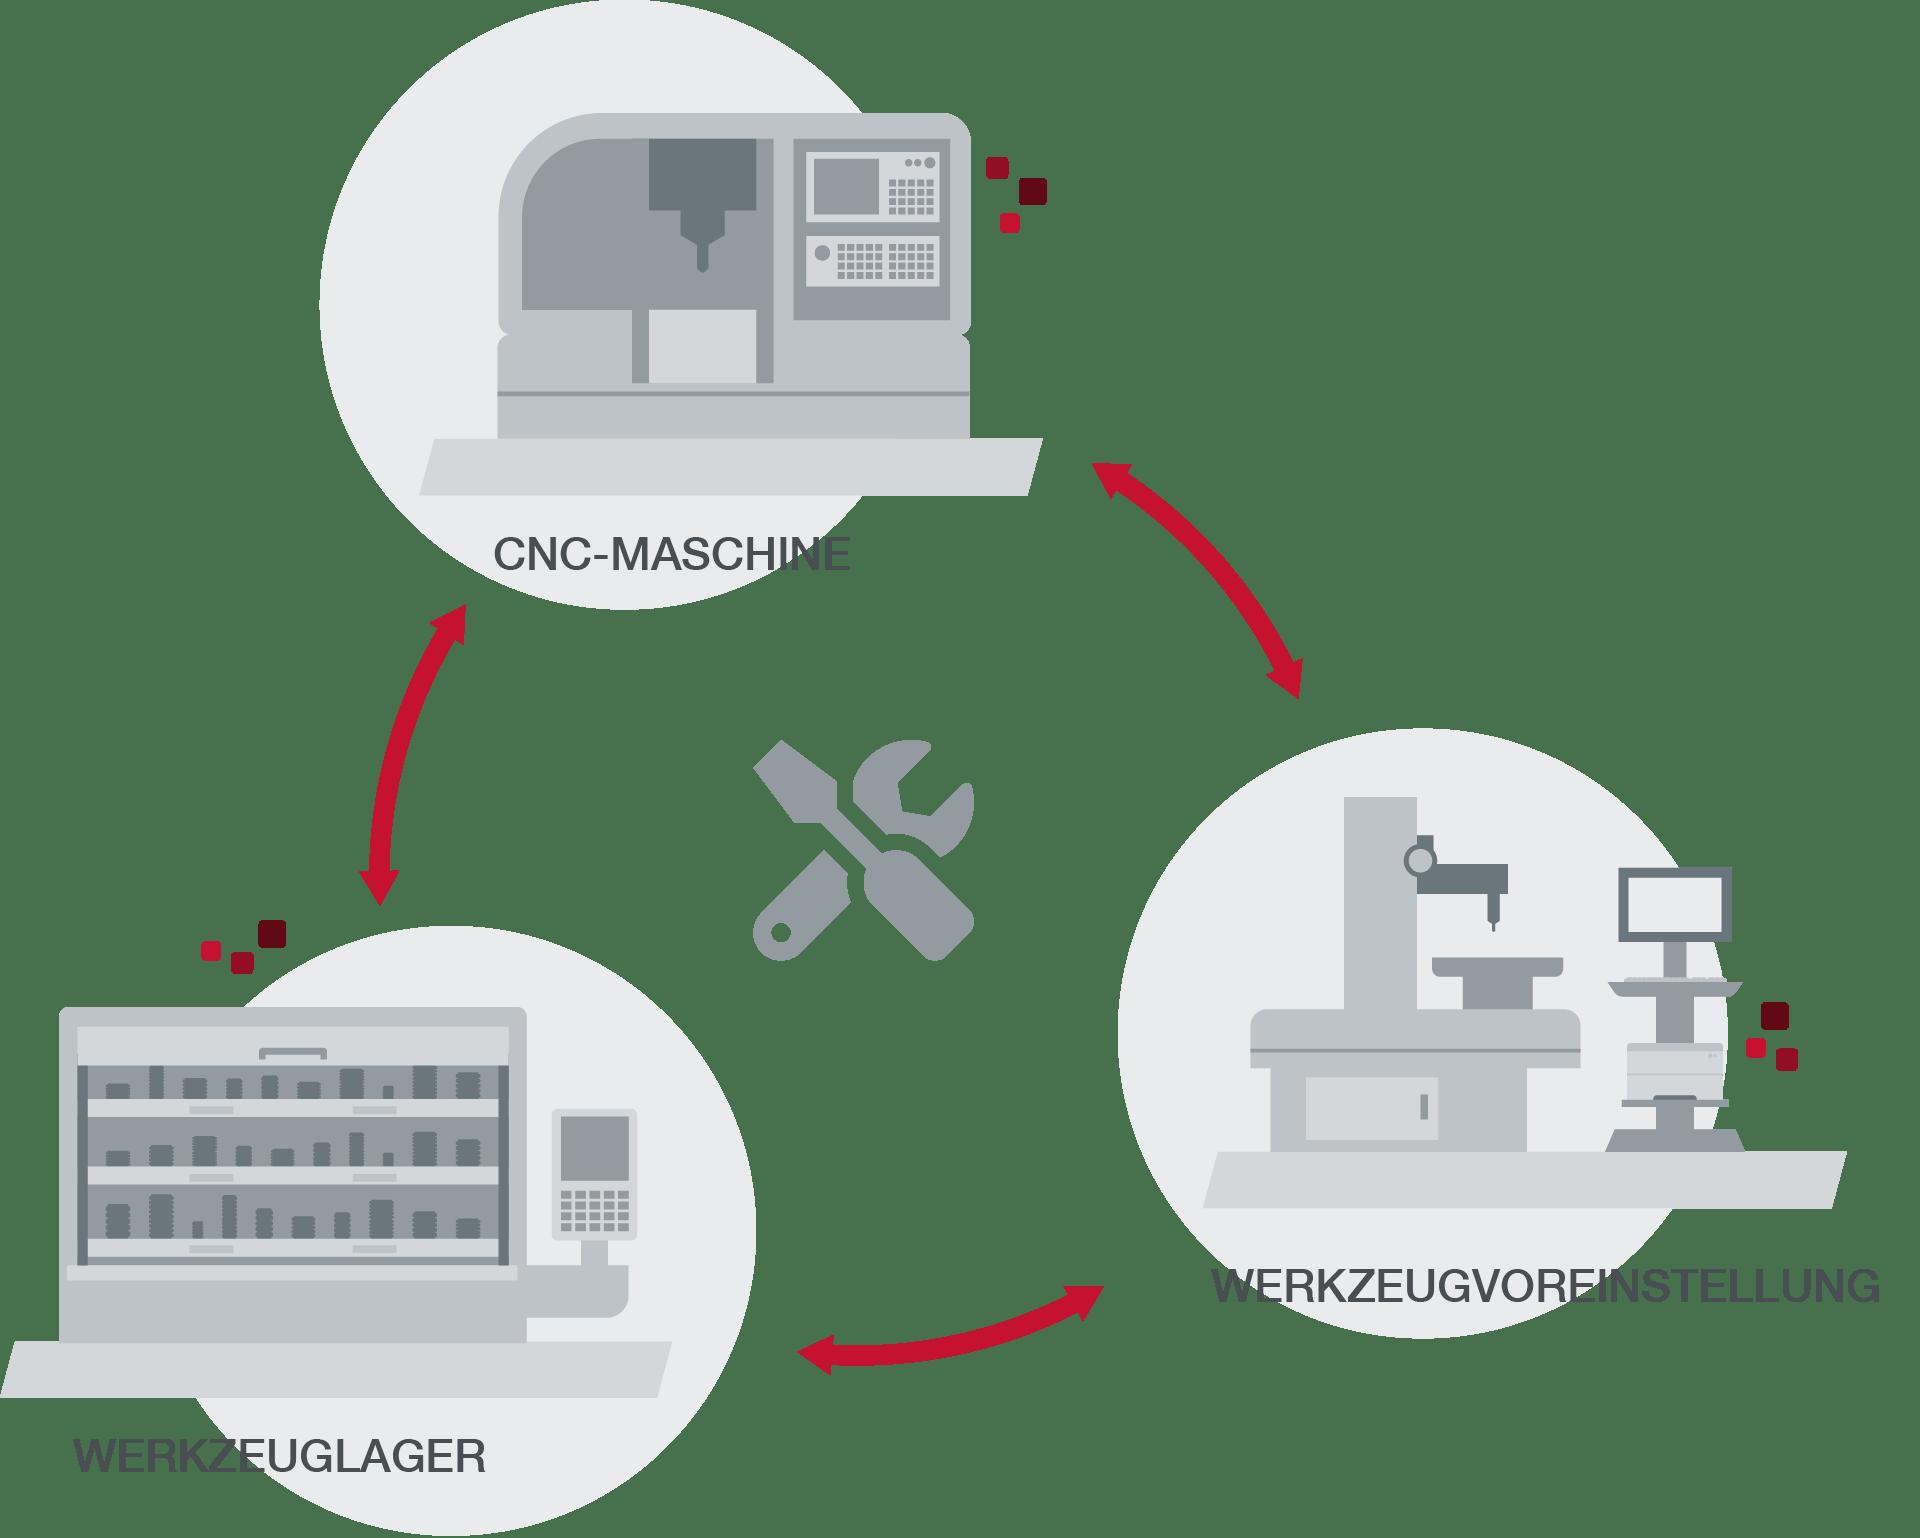 SAP-integriertes Werkzeug- und Betriebsmittelkreislauf